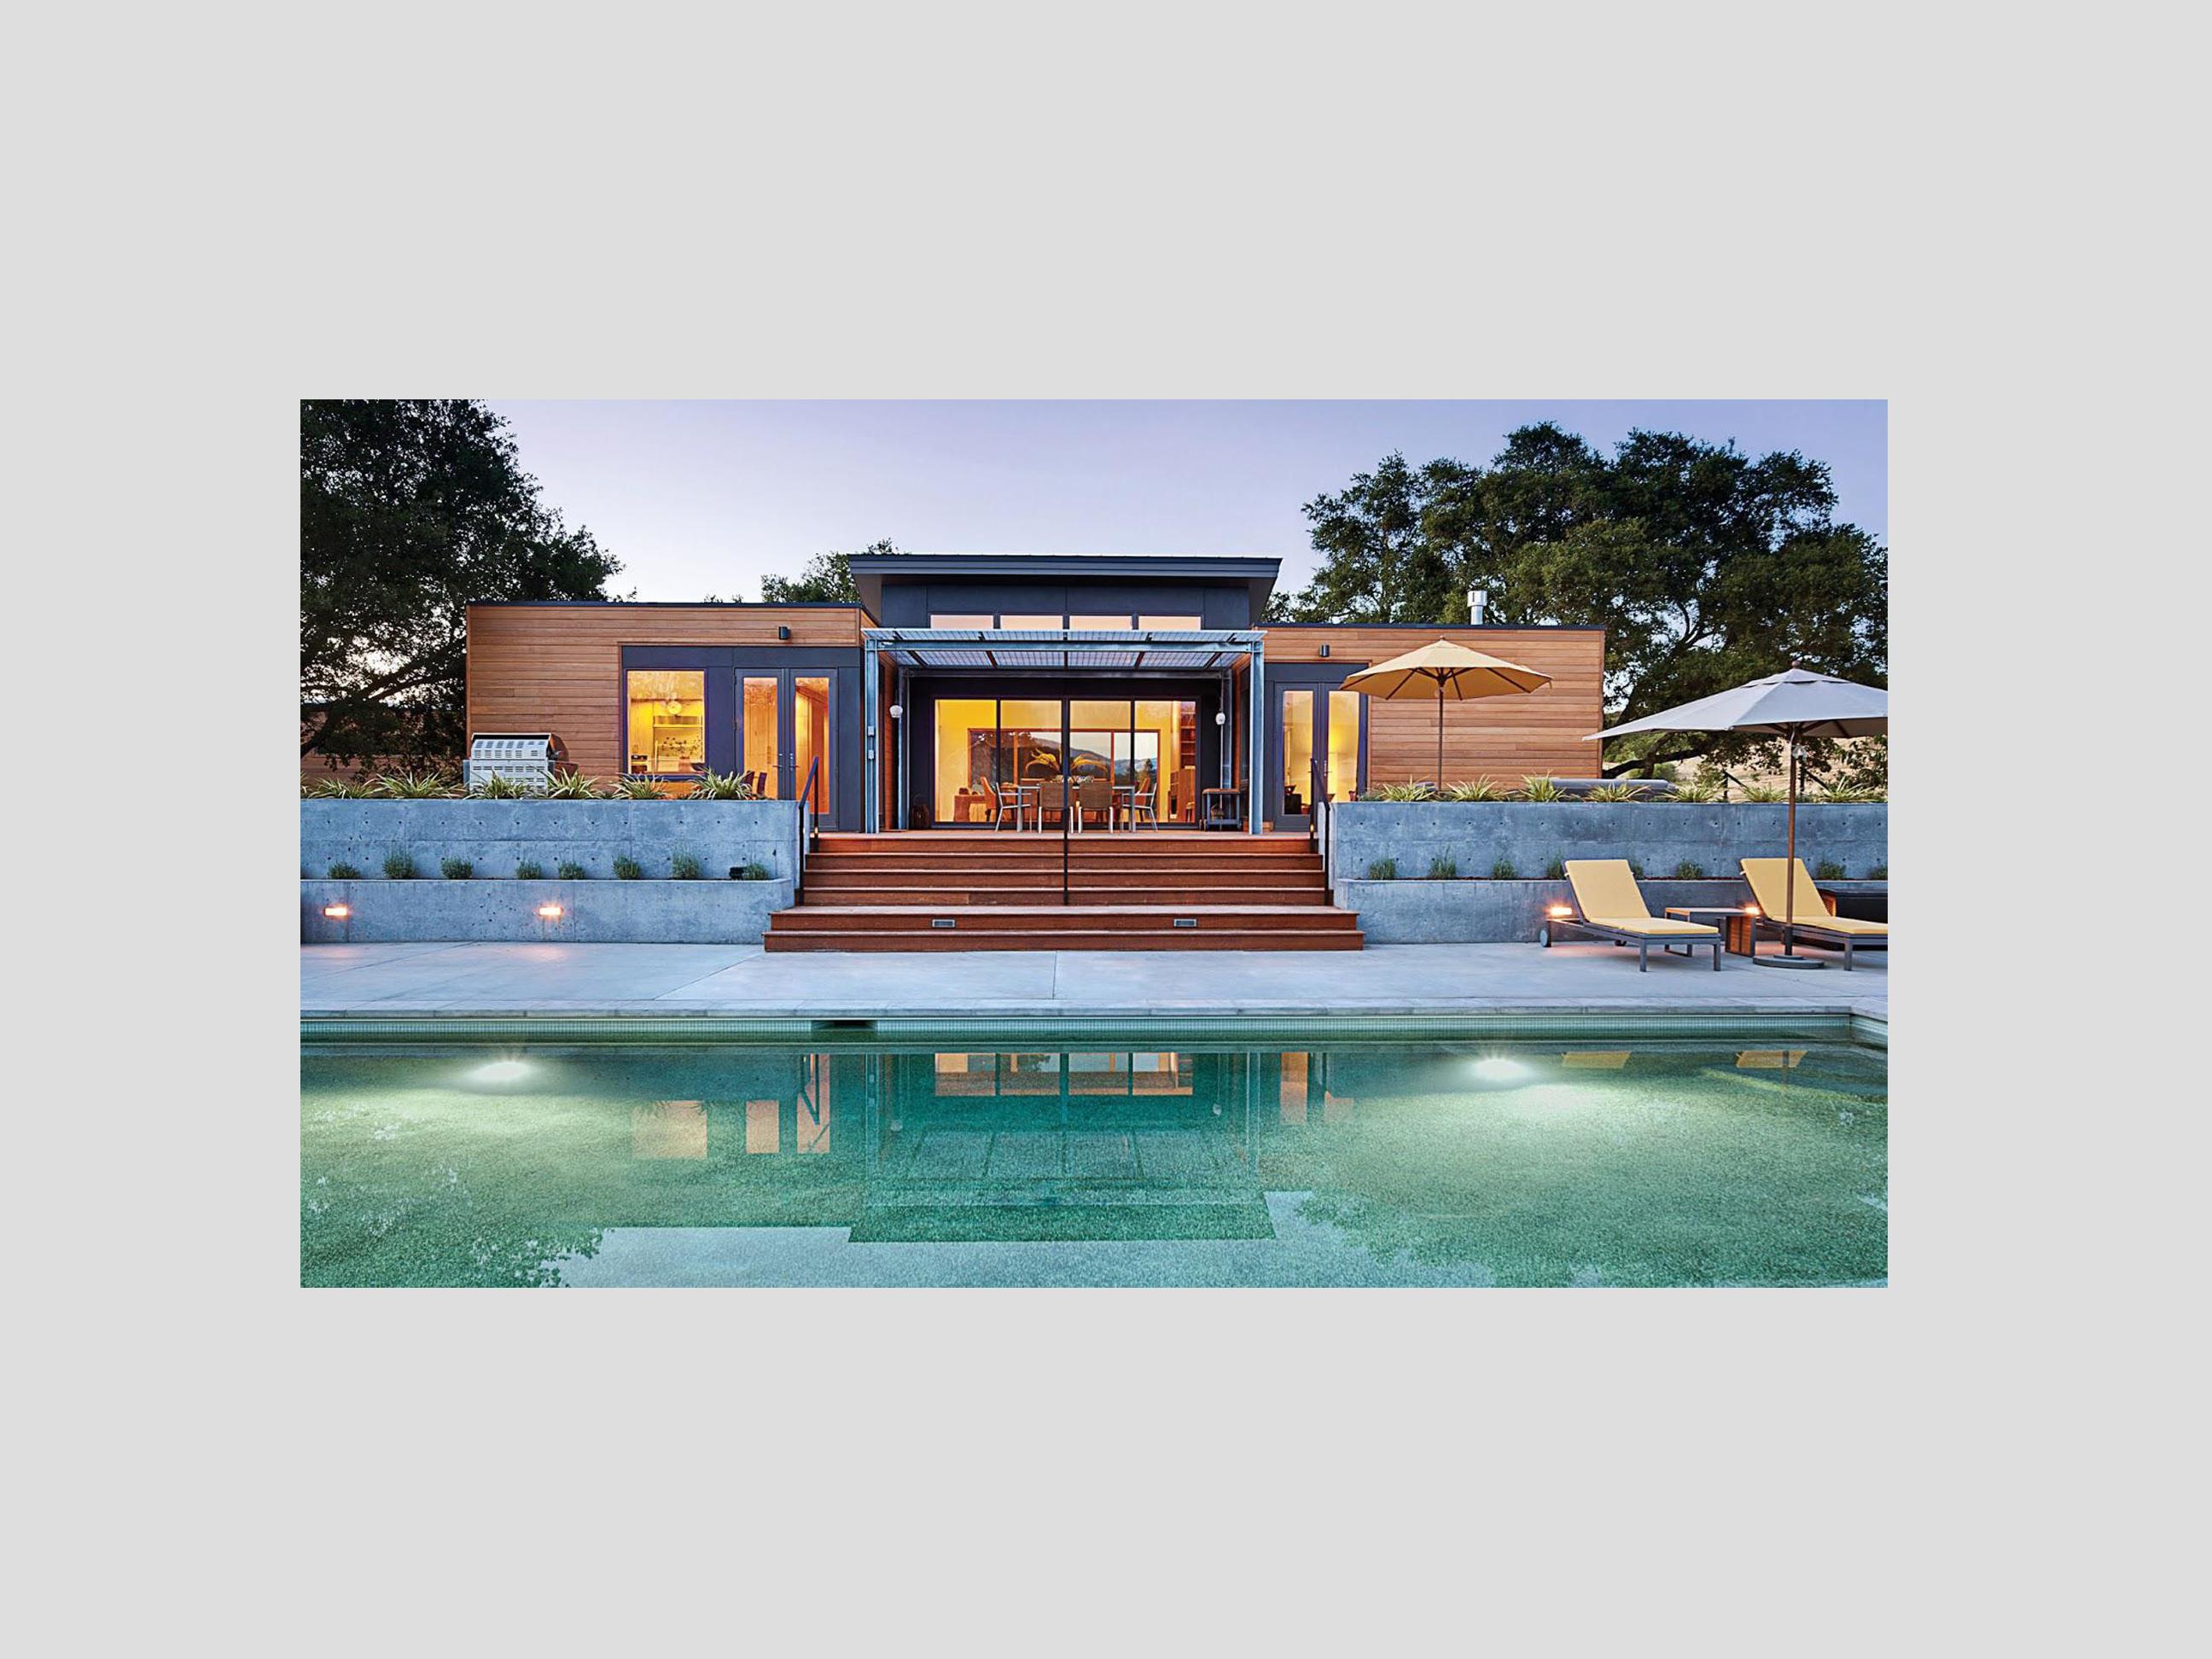 CASA moderna in legno con piscina